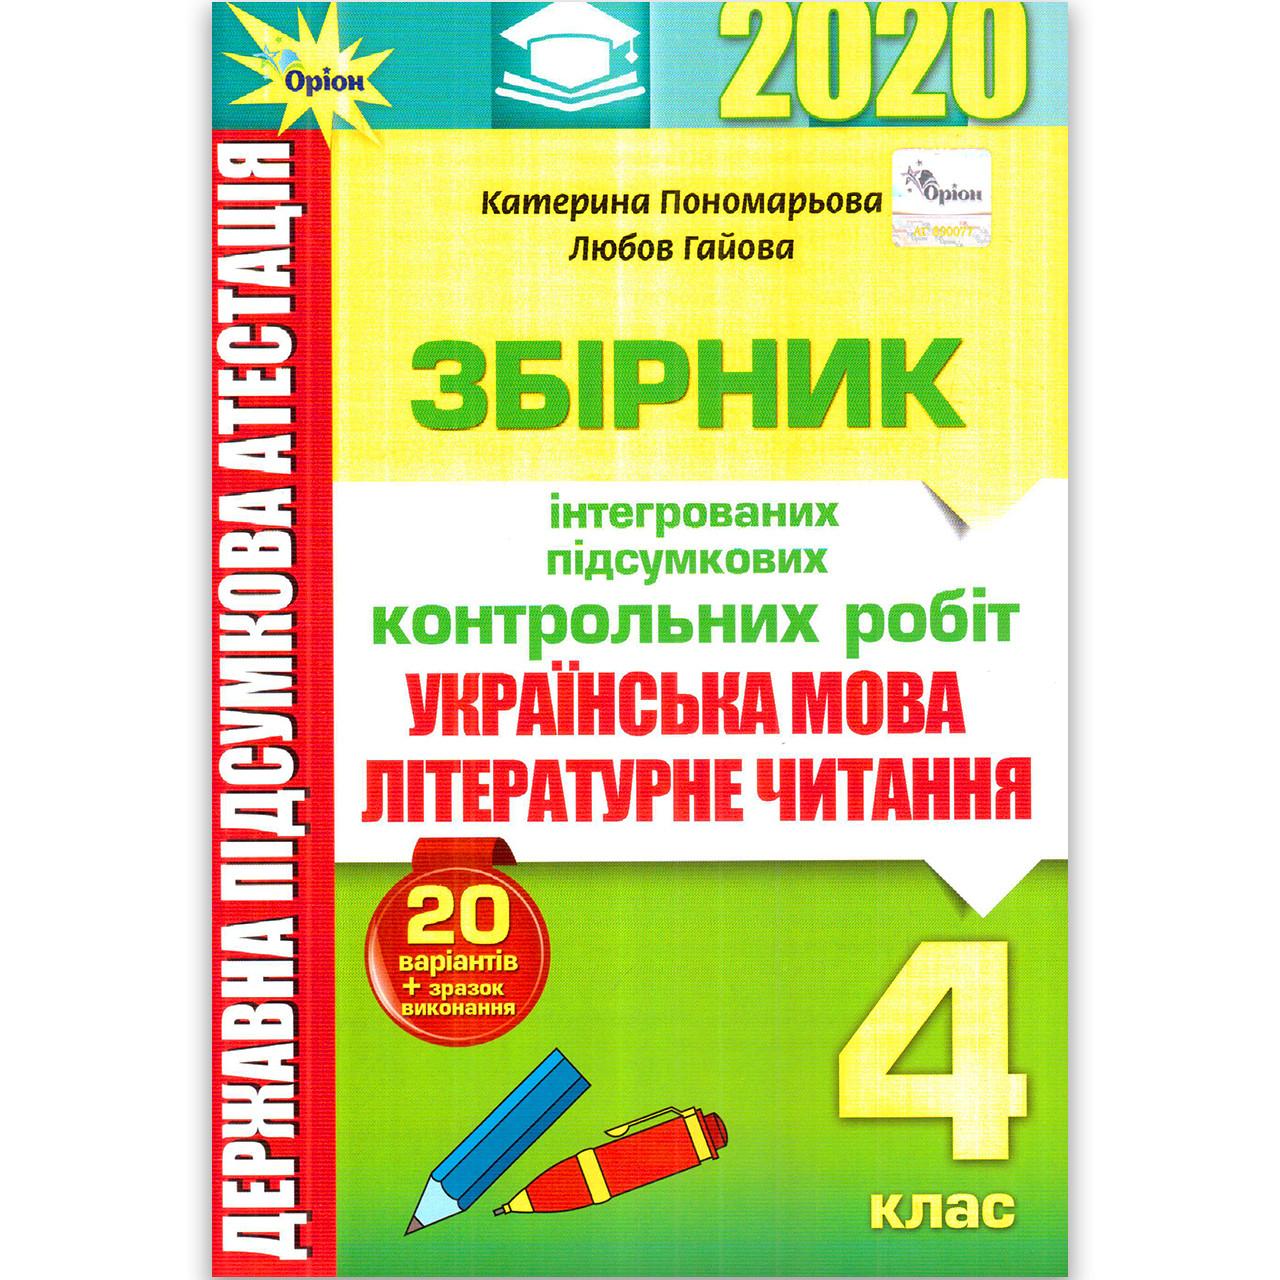 ДПА 4 клас 2020 Українська мова Літературне читання Авт: Пономарьова К. Вид: Оріон